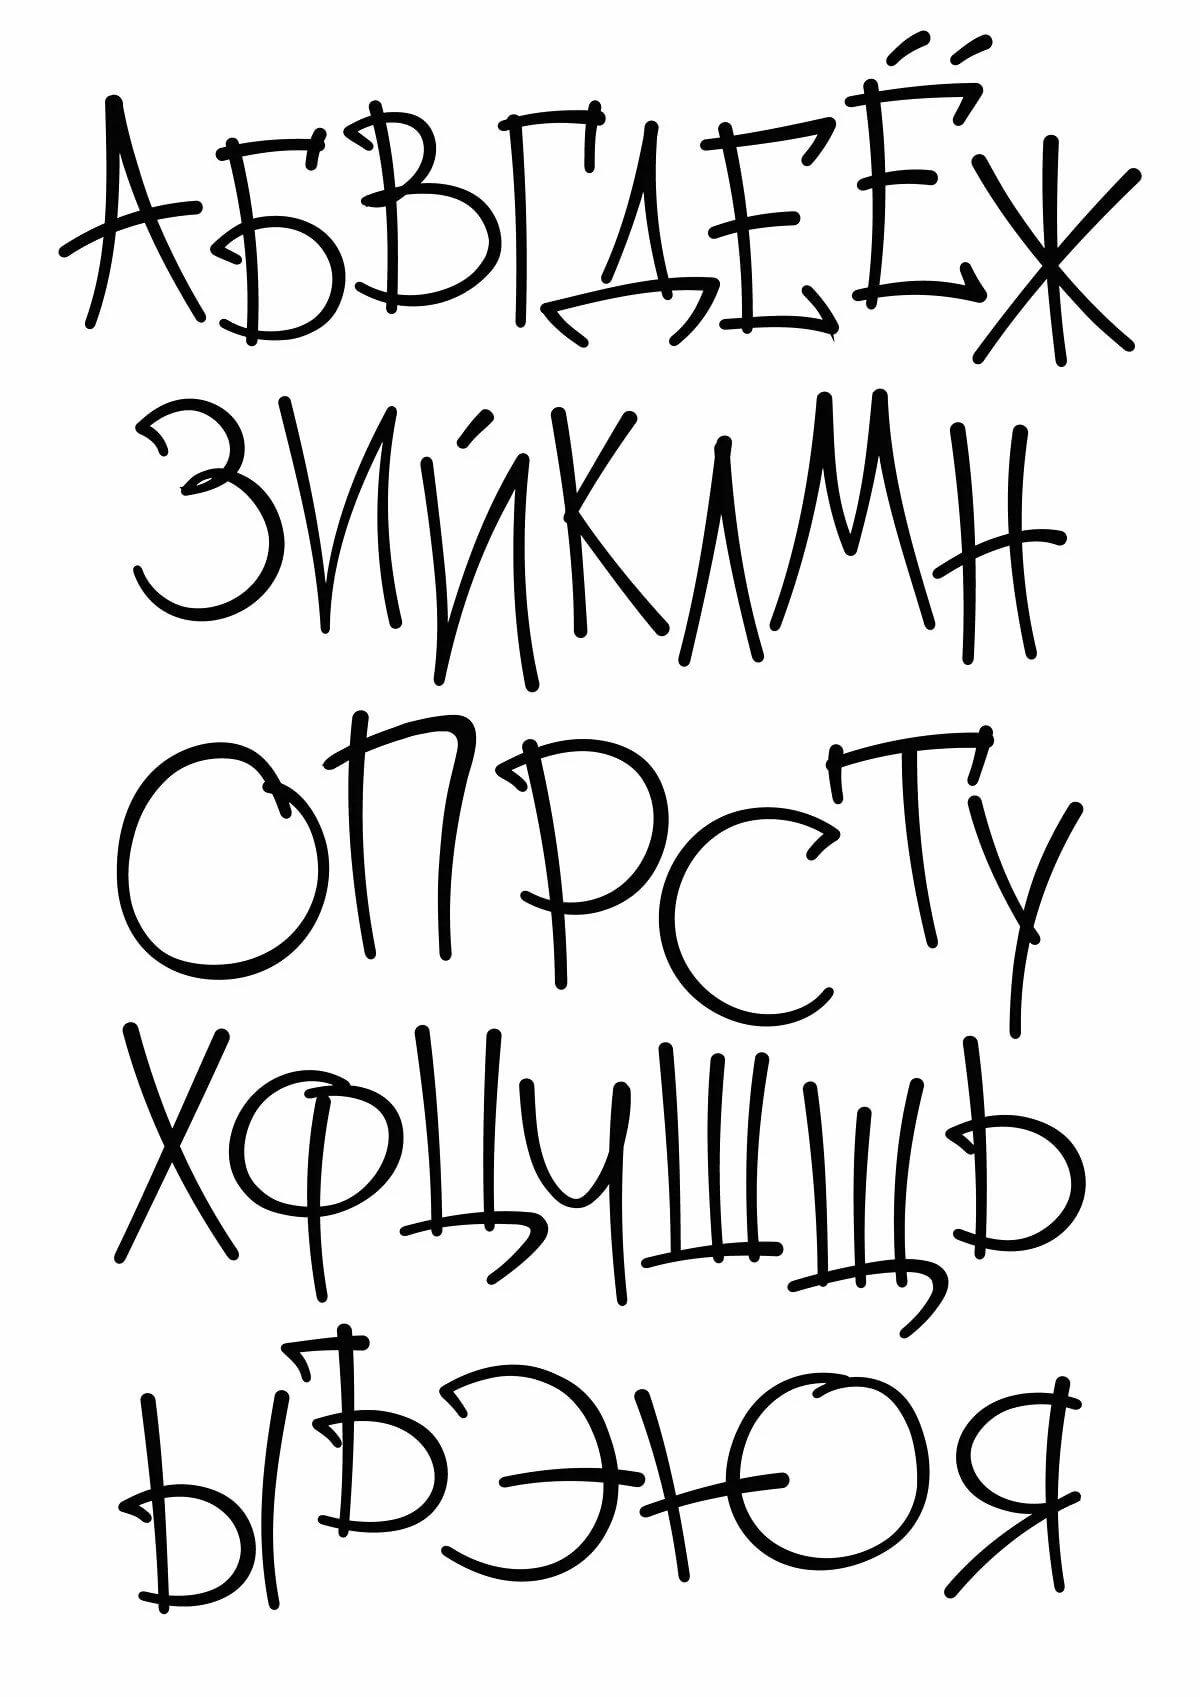 Нанести шрифт на картинке